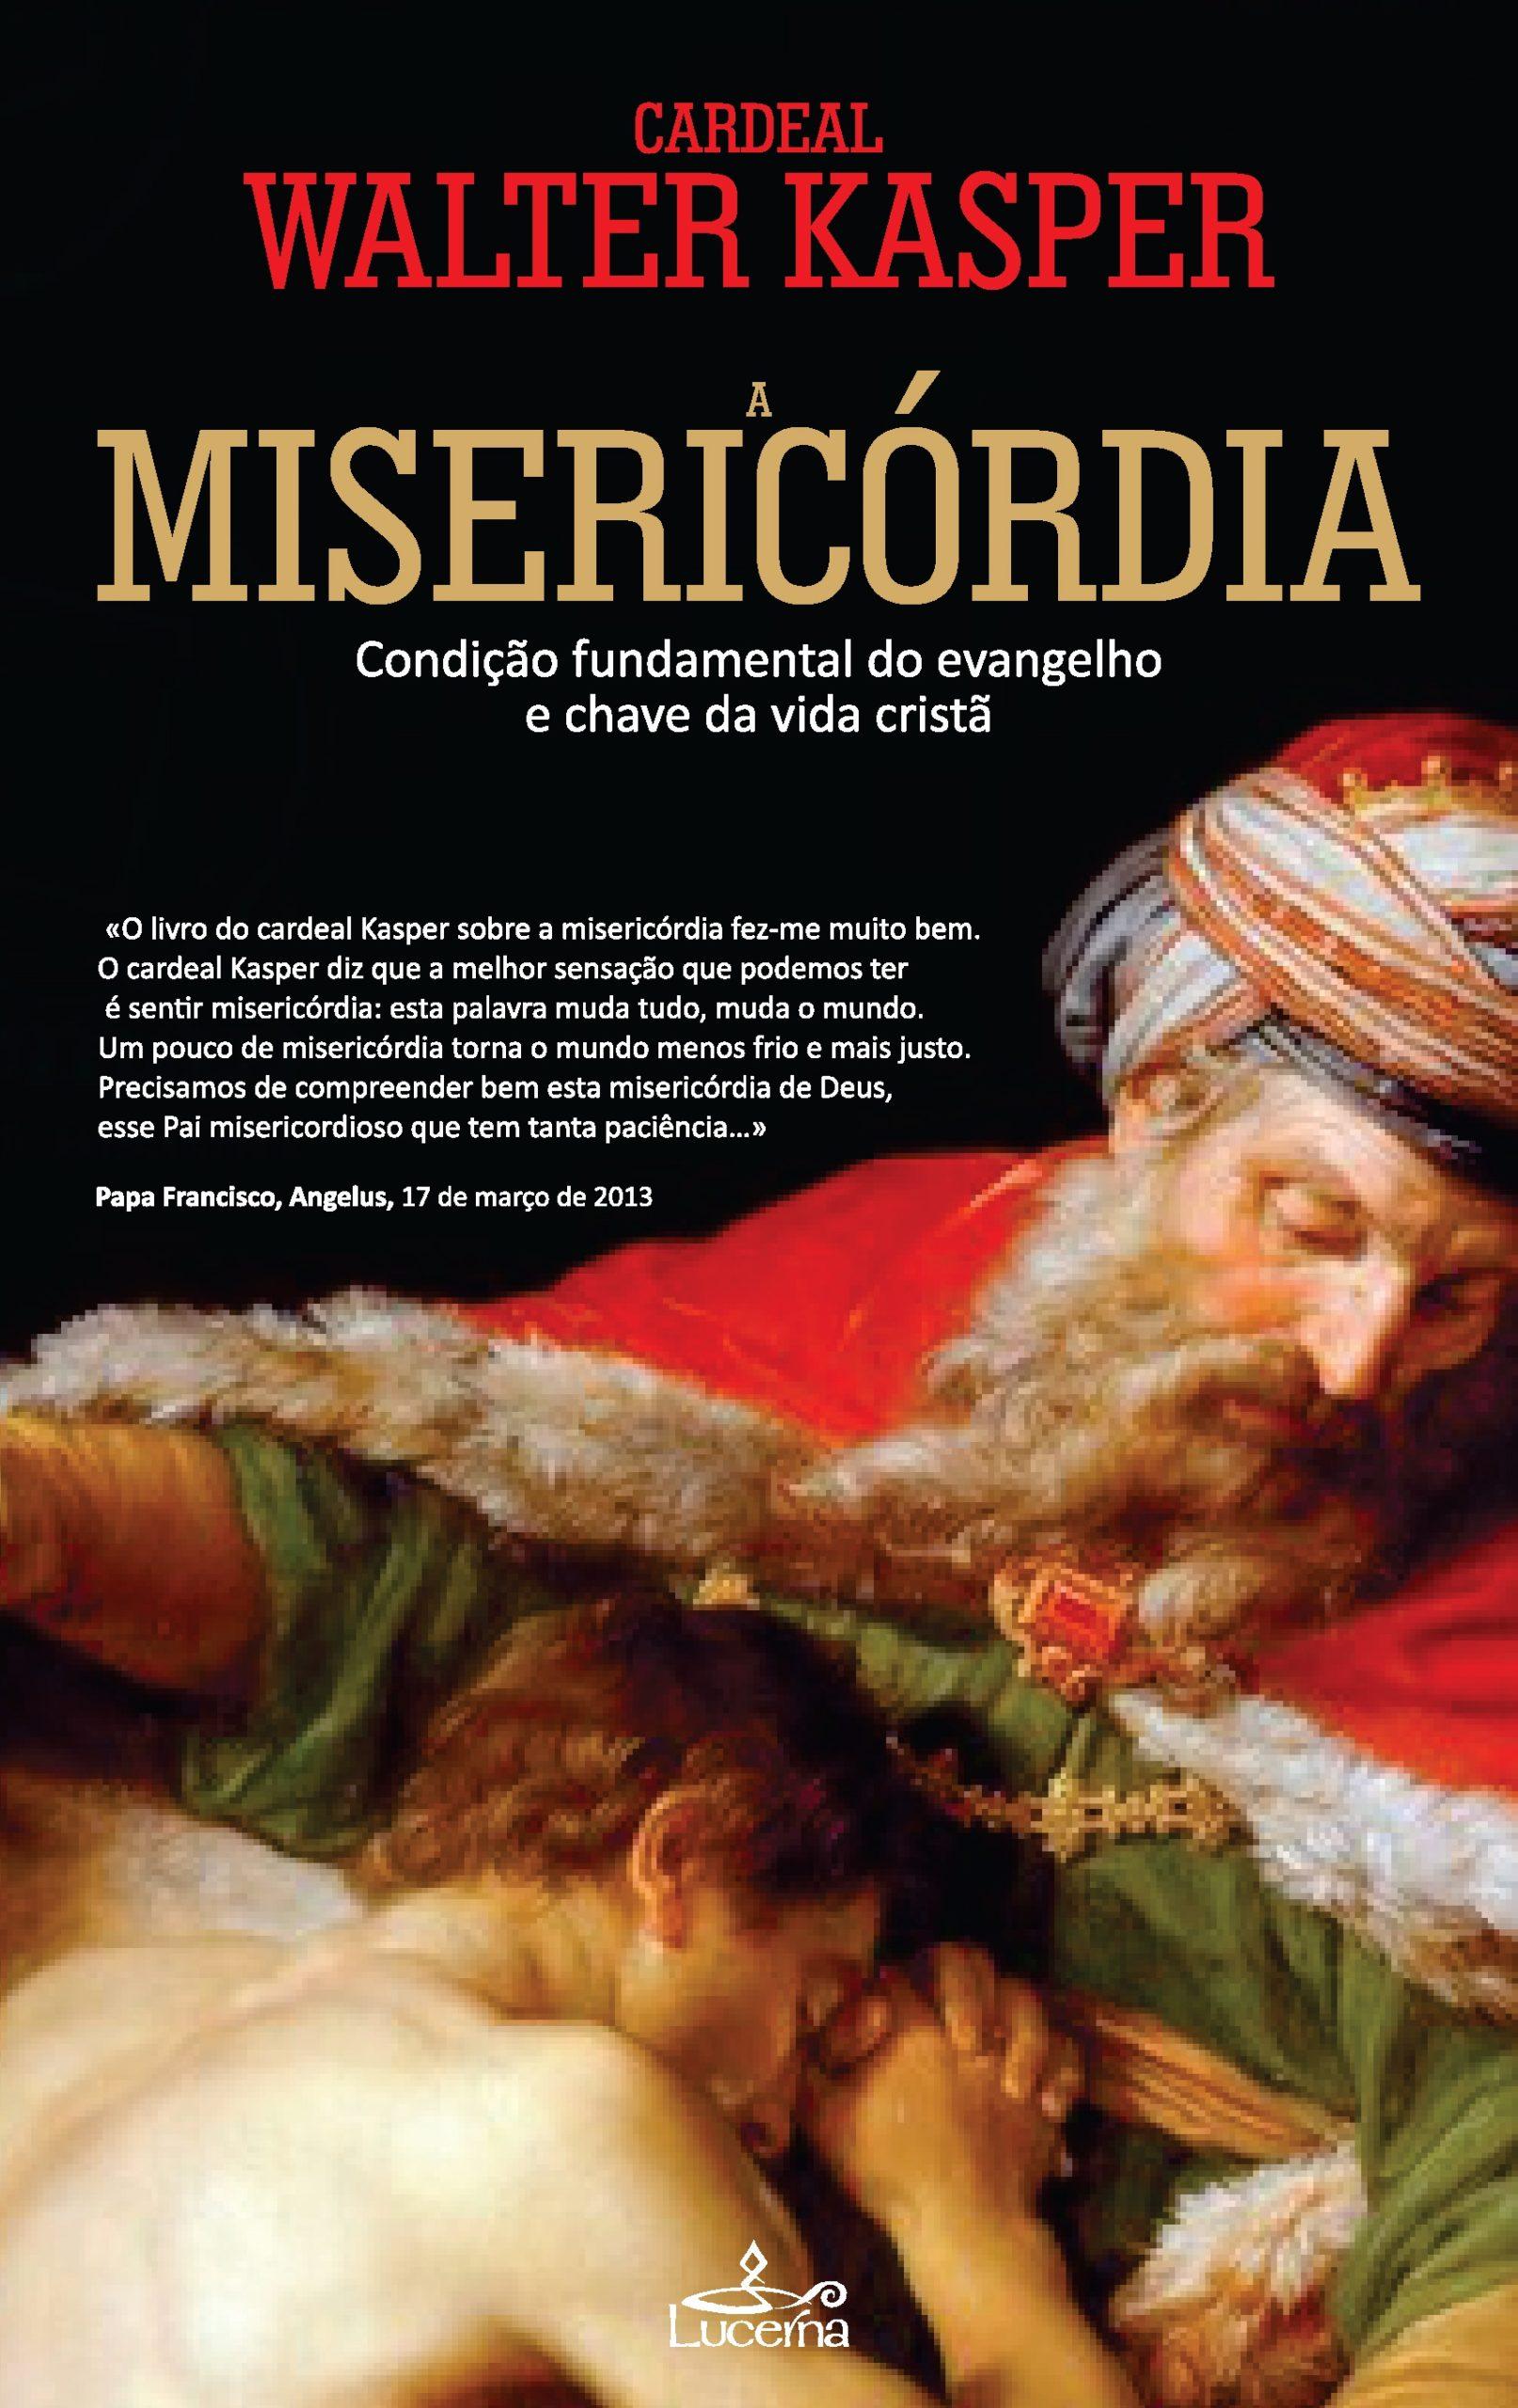 Misericordia - Conceito Fundamental do Evangelho